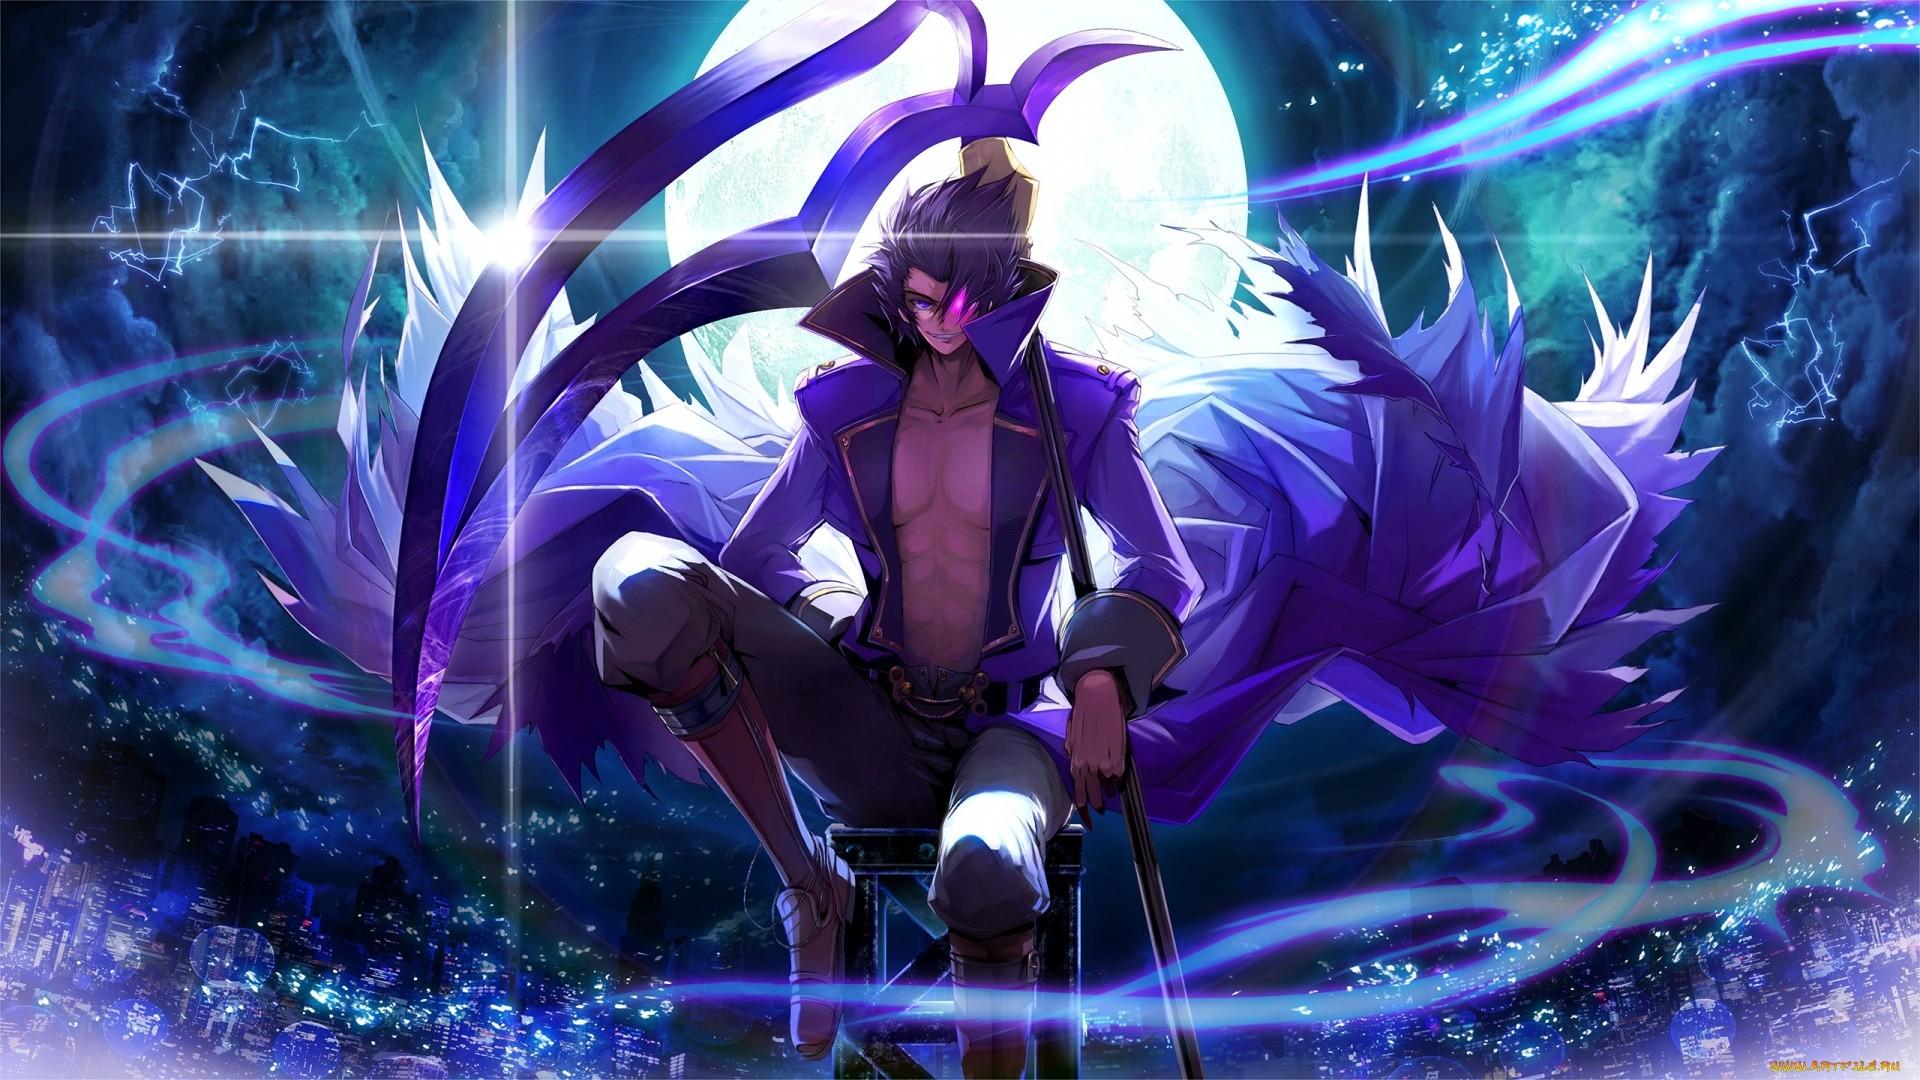 Anime Demon Boy HD Wallpaper